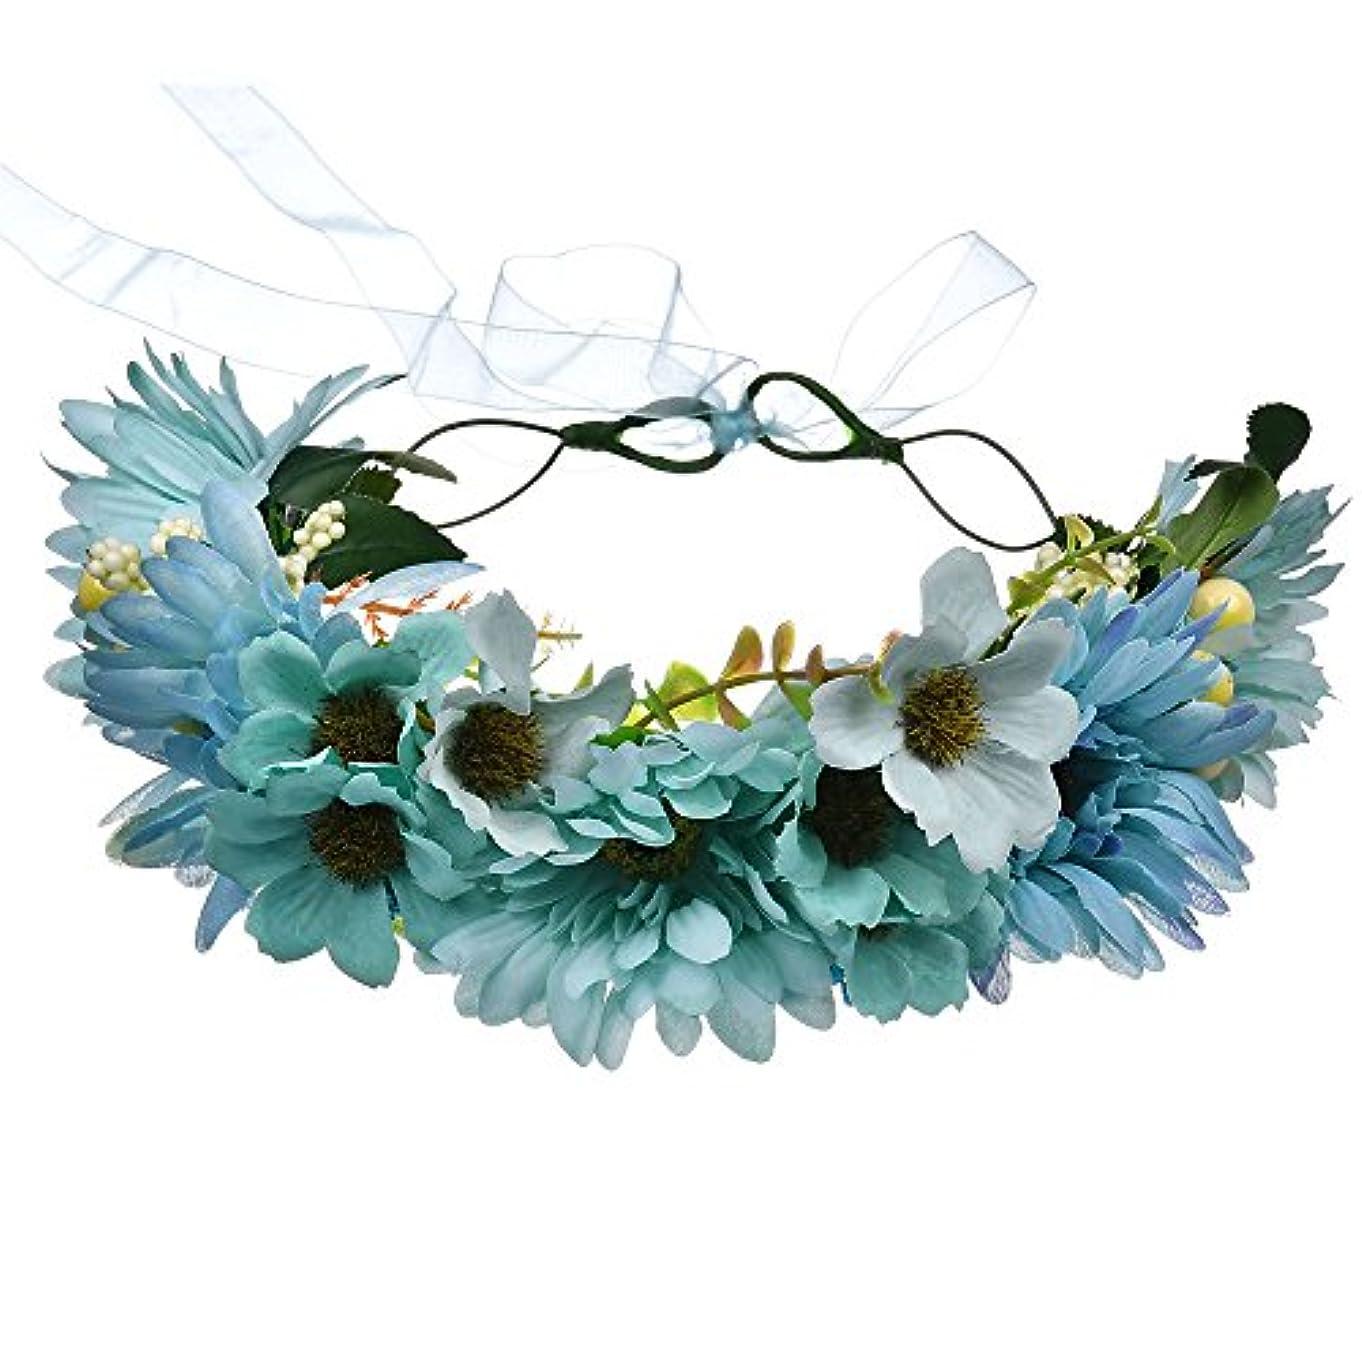 側溝変色する繁栄1st market 自由奔放な菊の花輪ヘッドバンドヘッドバンド絶妙なユリの花ヘッドドレスビーチ写真の装飾女性の花輪ヘッドバンドヘアアクセサリーブルー耐久性と便利